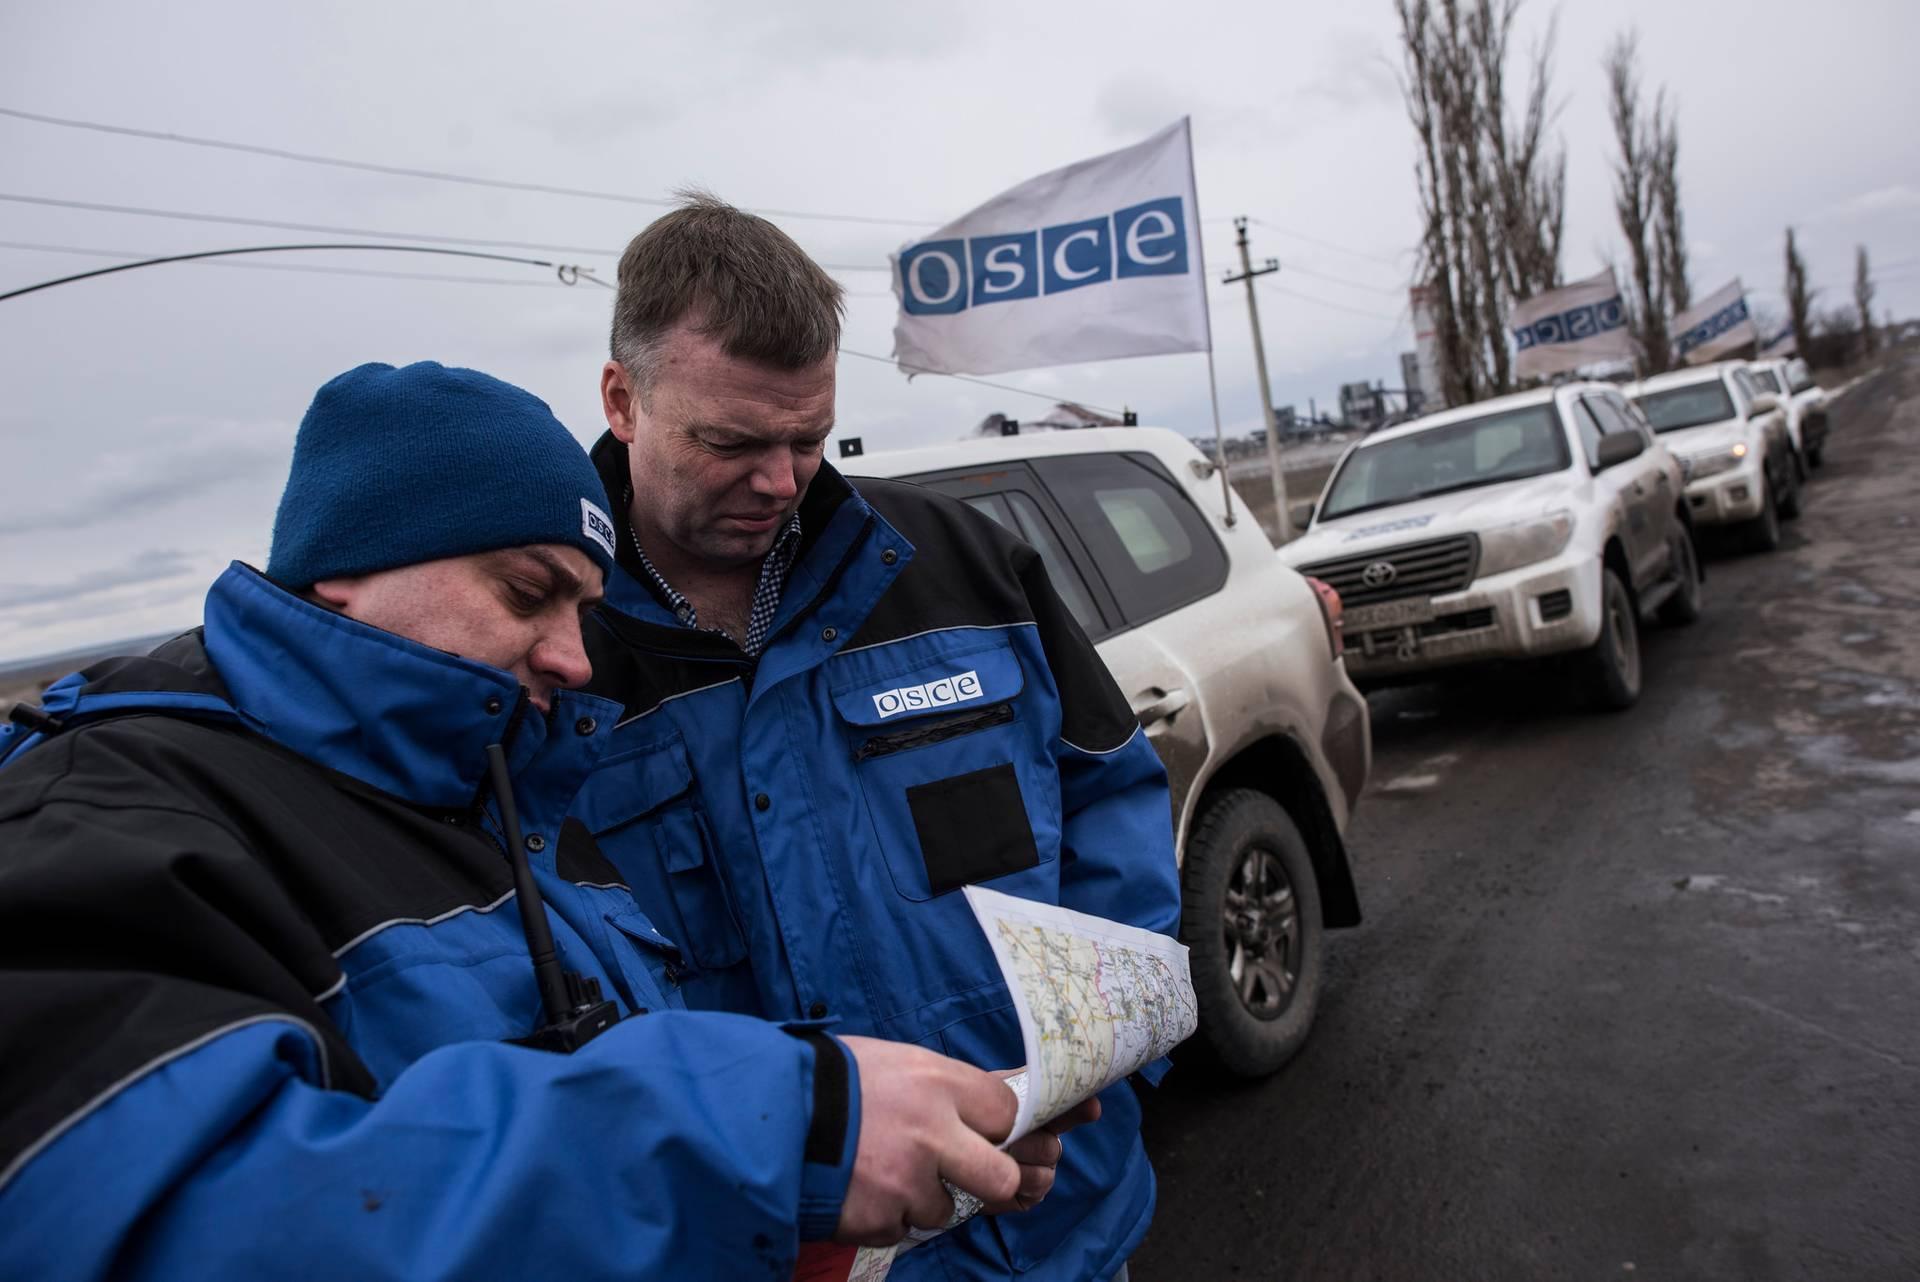 Александр Хуг (праворуч) із членами місії ОБСЄ неподалік смт Сєверний, Луганська область, 19 березня 2016